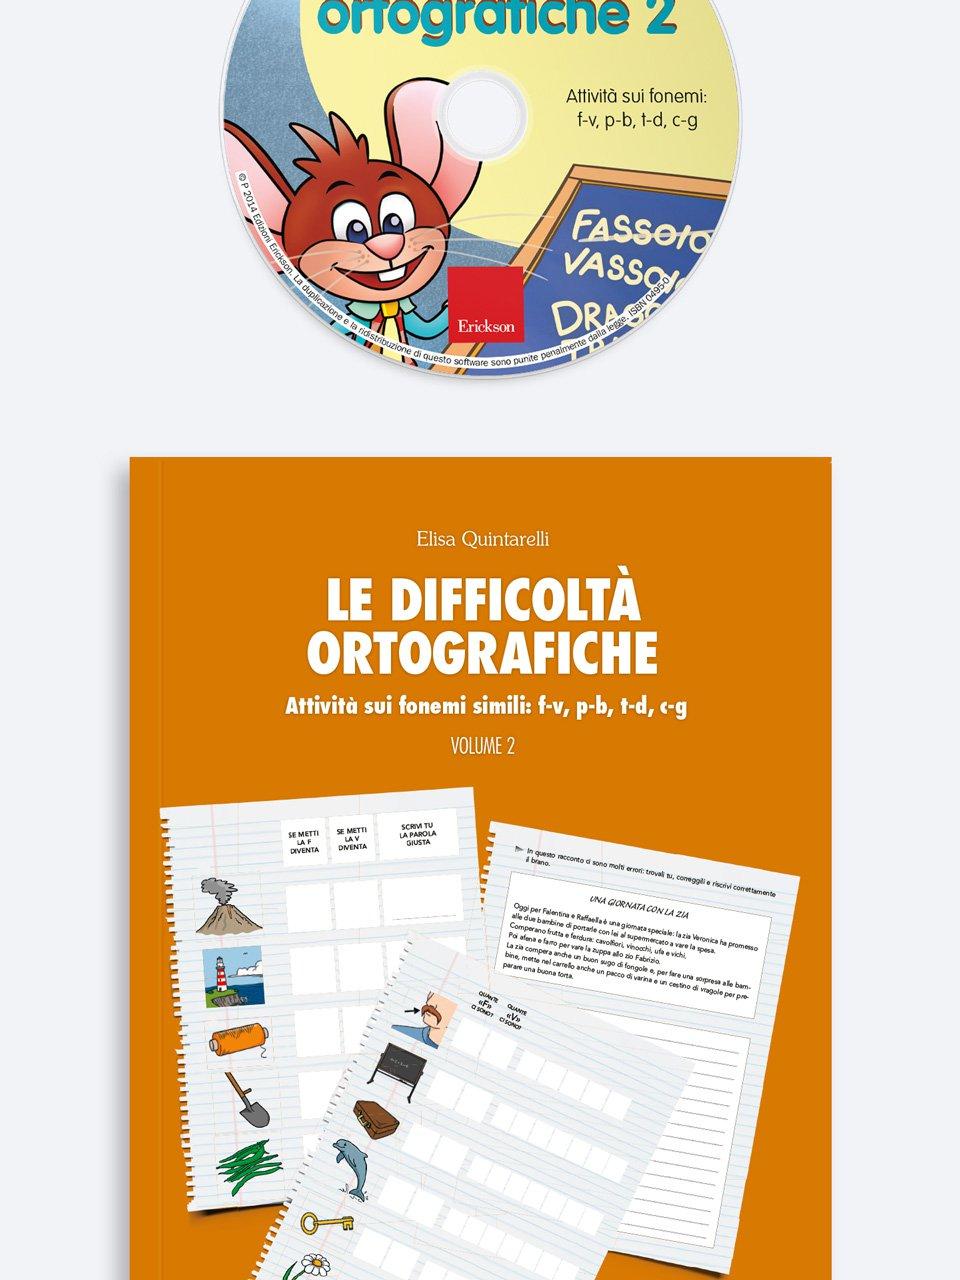 Le difficoltà ortografiche - Volume 2 - Schede per Tablotto (6-8 anni) - Grammatica incant - Giochi - Erickson 2